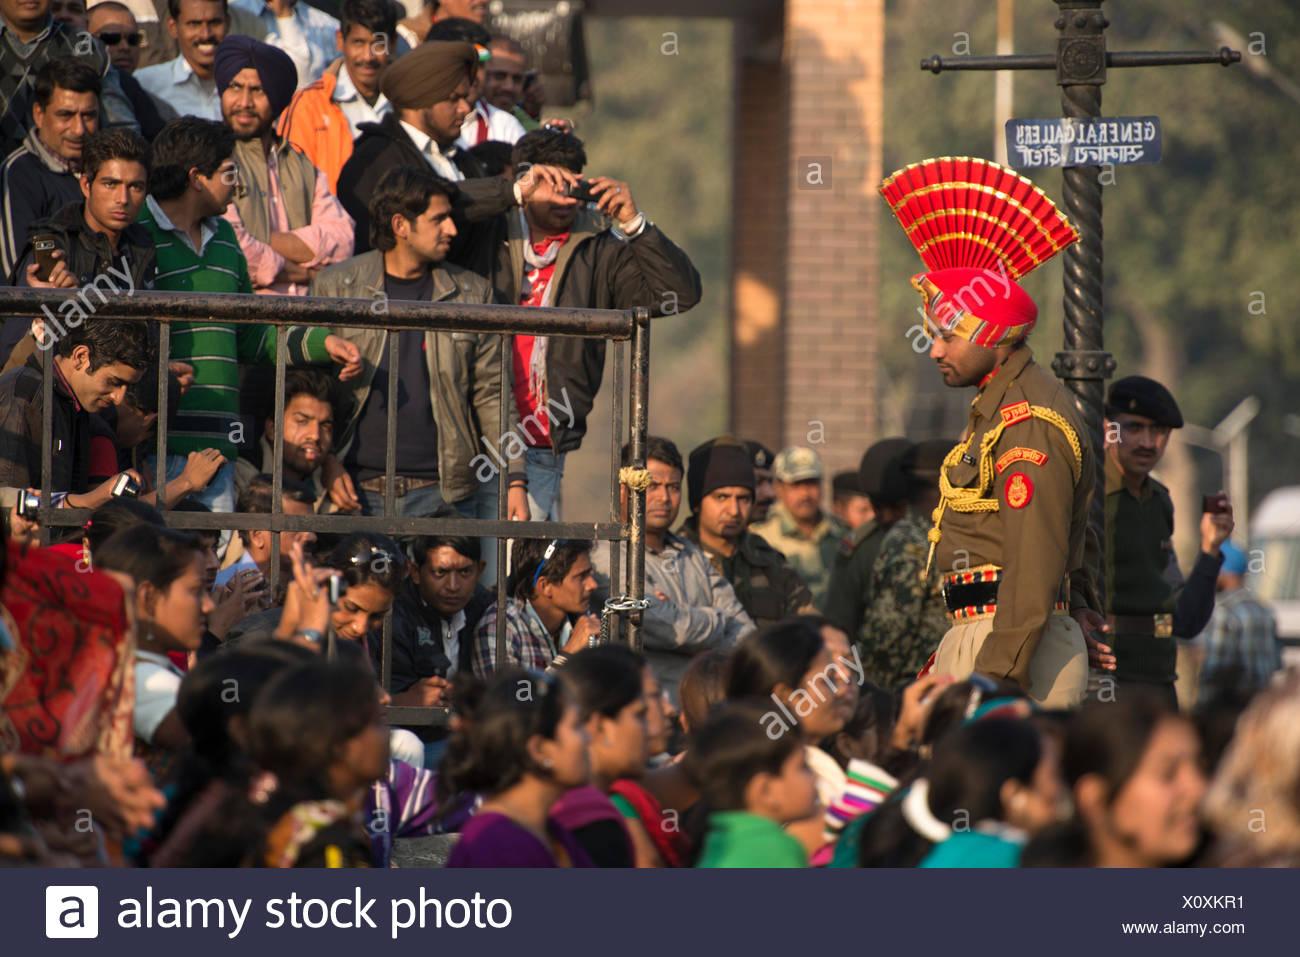 Asien, Indien, Punjab, Amritsar, Pakistanisch, Grenze, Zeremonie, traditionell, Tradition, Wagah, Soldat, Menschenmenge, Nationalismus, indische, Stockbild